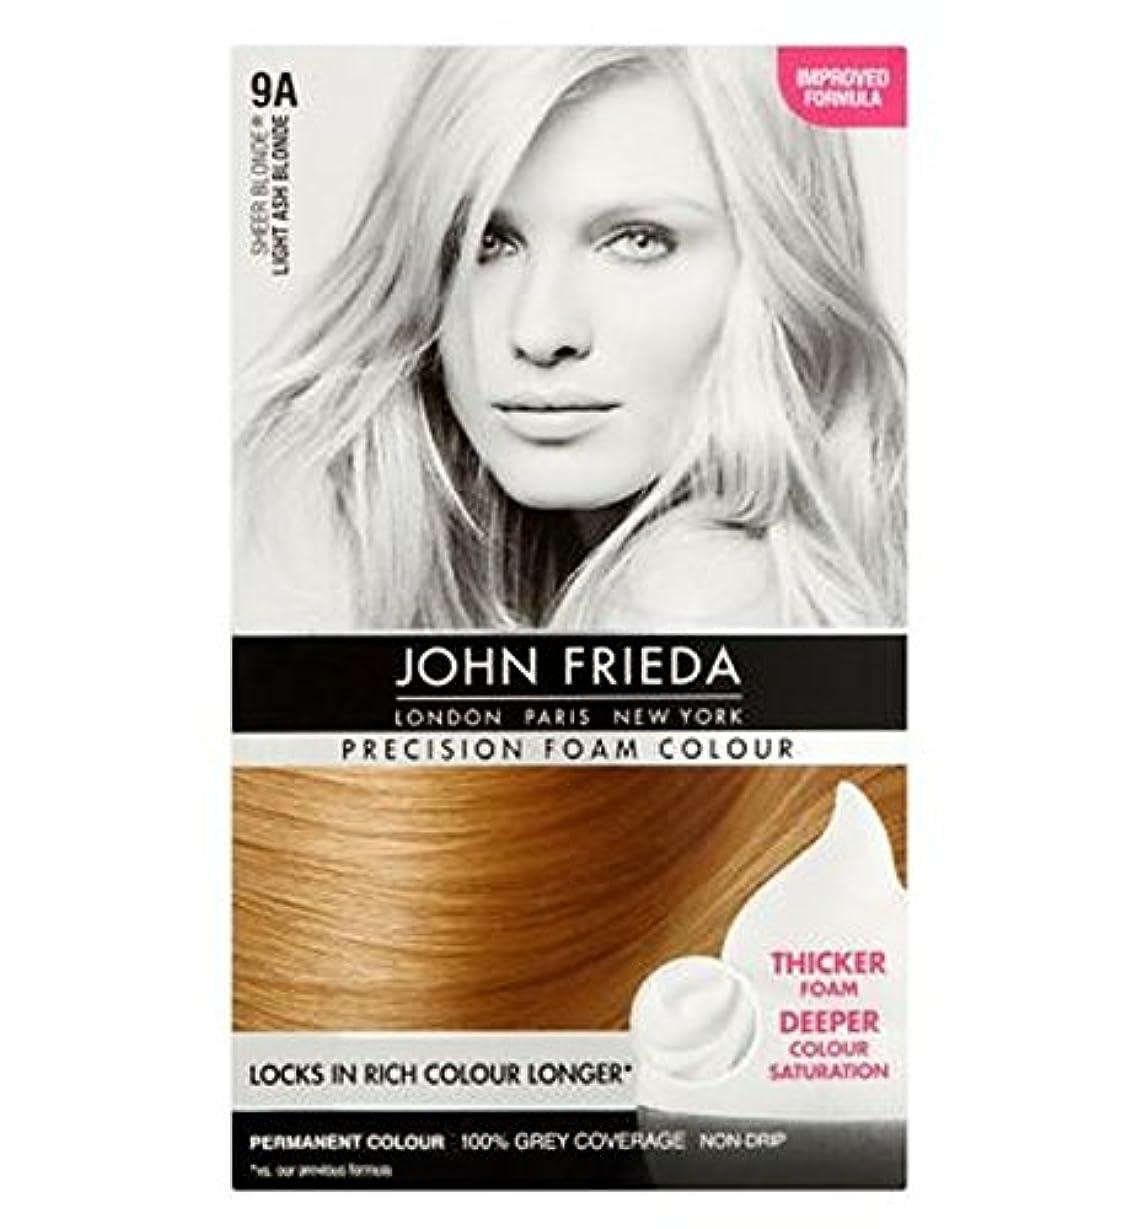 接続詞サロン不振ジョン?フリーダ精密泡カラー9Aの光アッシュブロンド (John Frieda) (x2) - John Frieda Precision Foam Colour 9A Light Ash Blonde (Pack of 2) [並行輸入品]